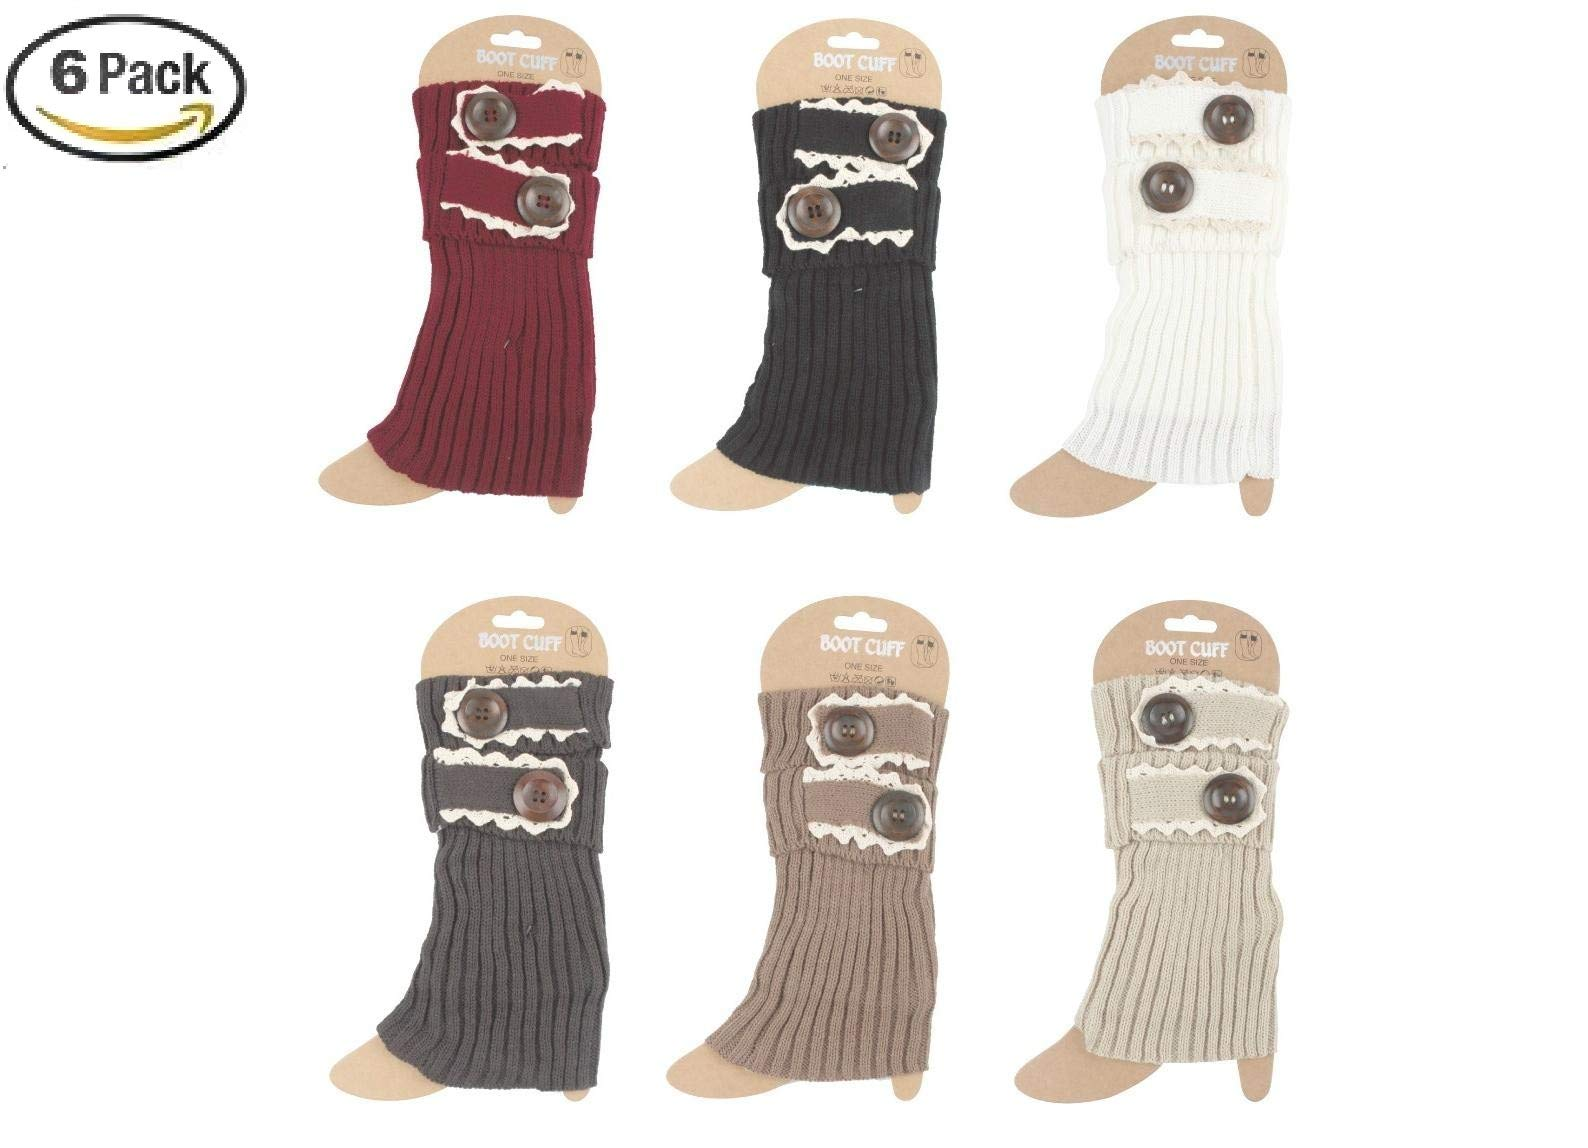 6 Pack Women Crochet Knitted Button Boot Cuffs Leg Warmer Socks